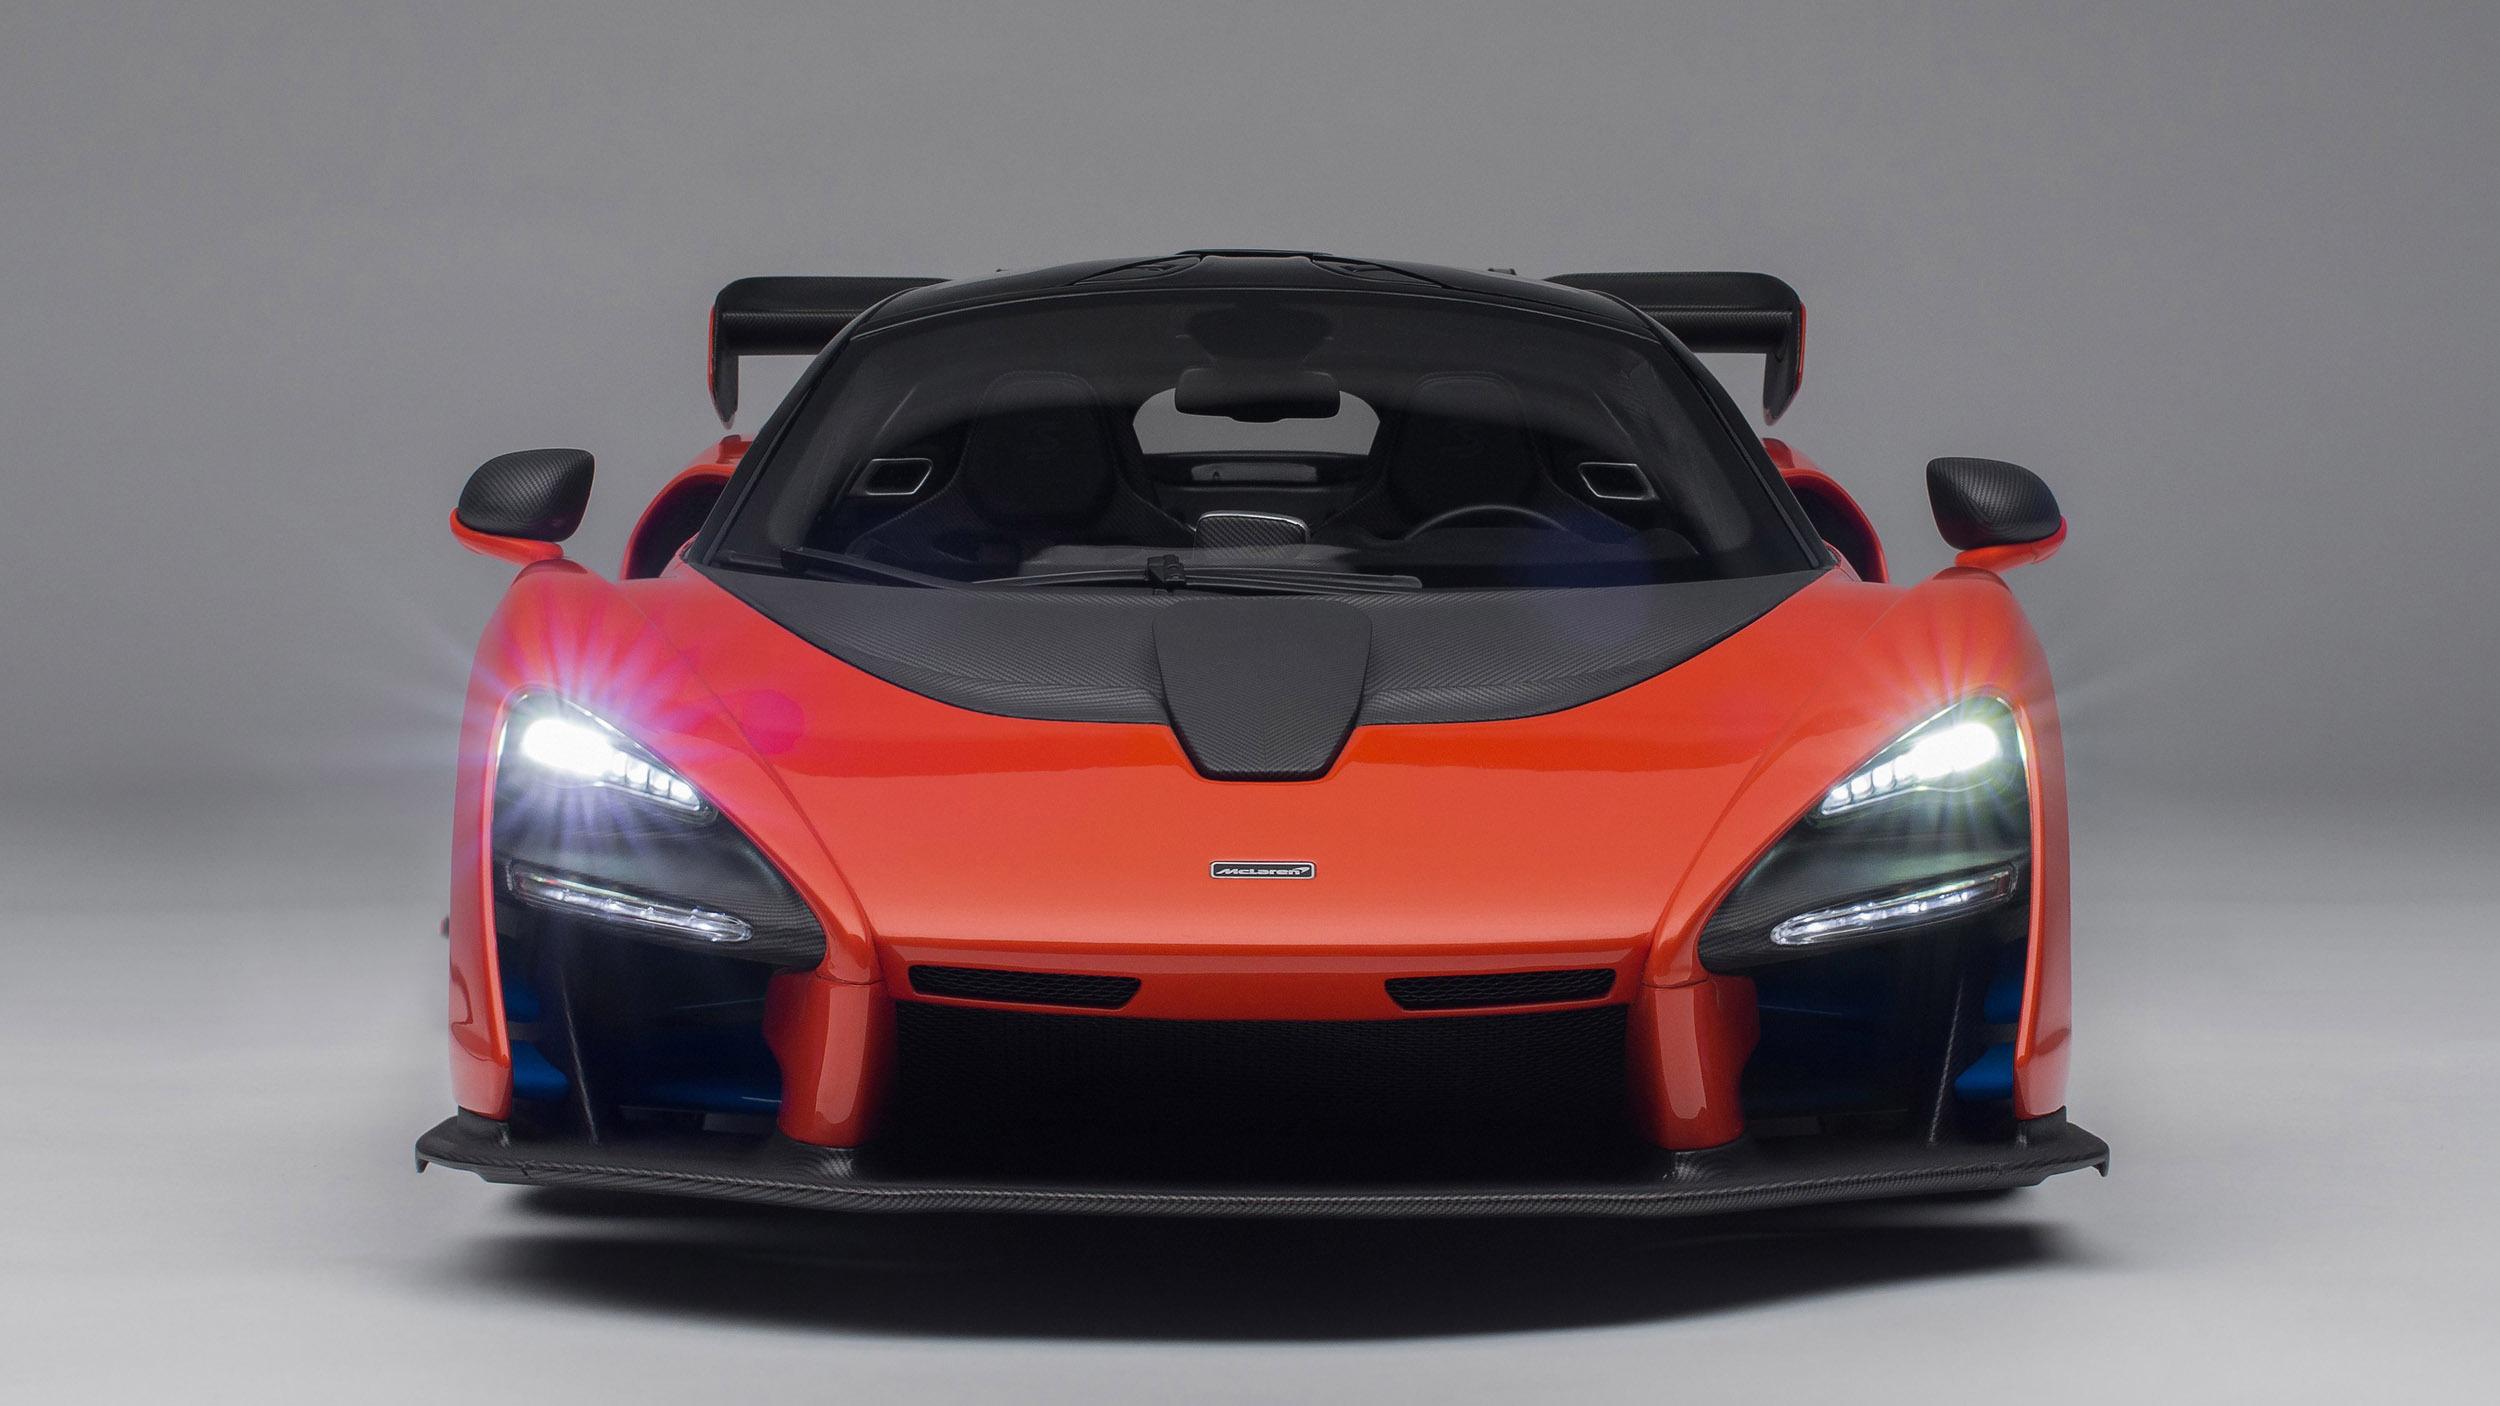 Amalgam-McLaren-Senna-miniature-model-4